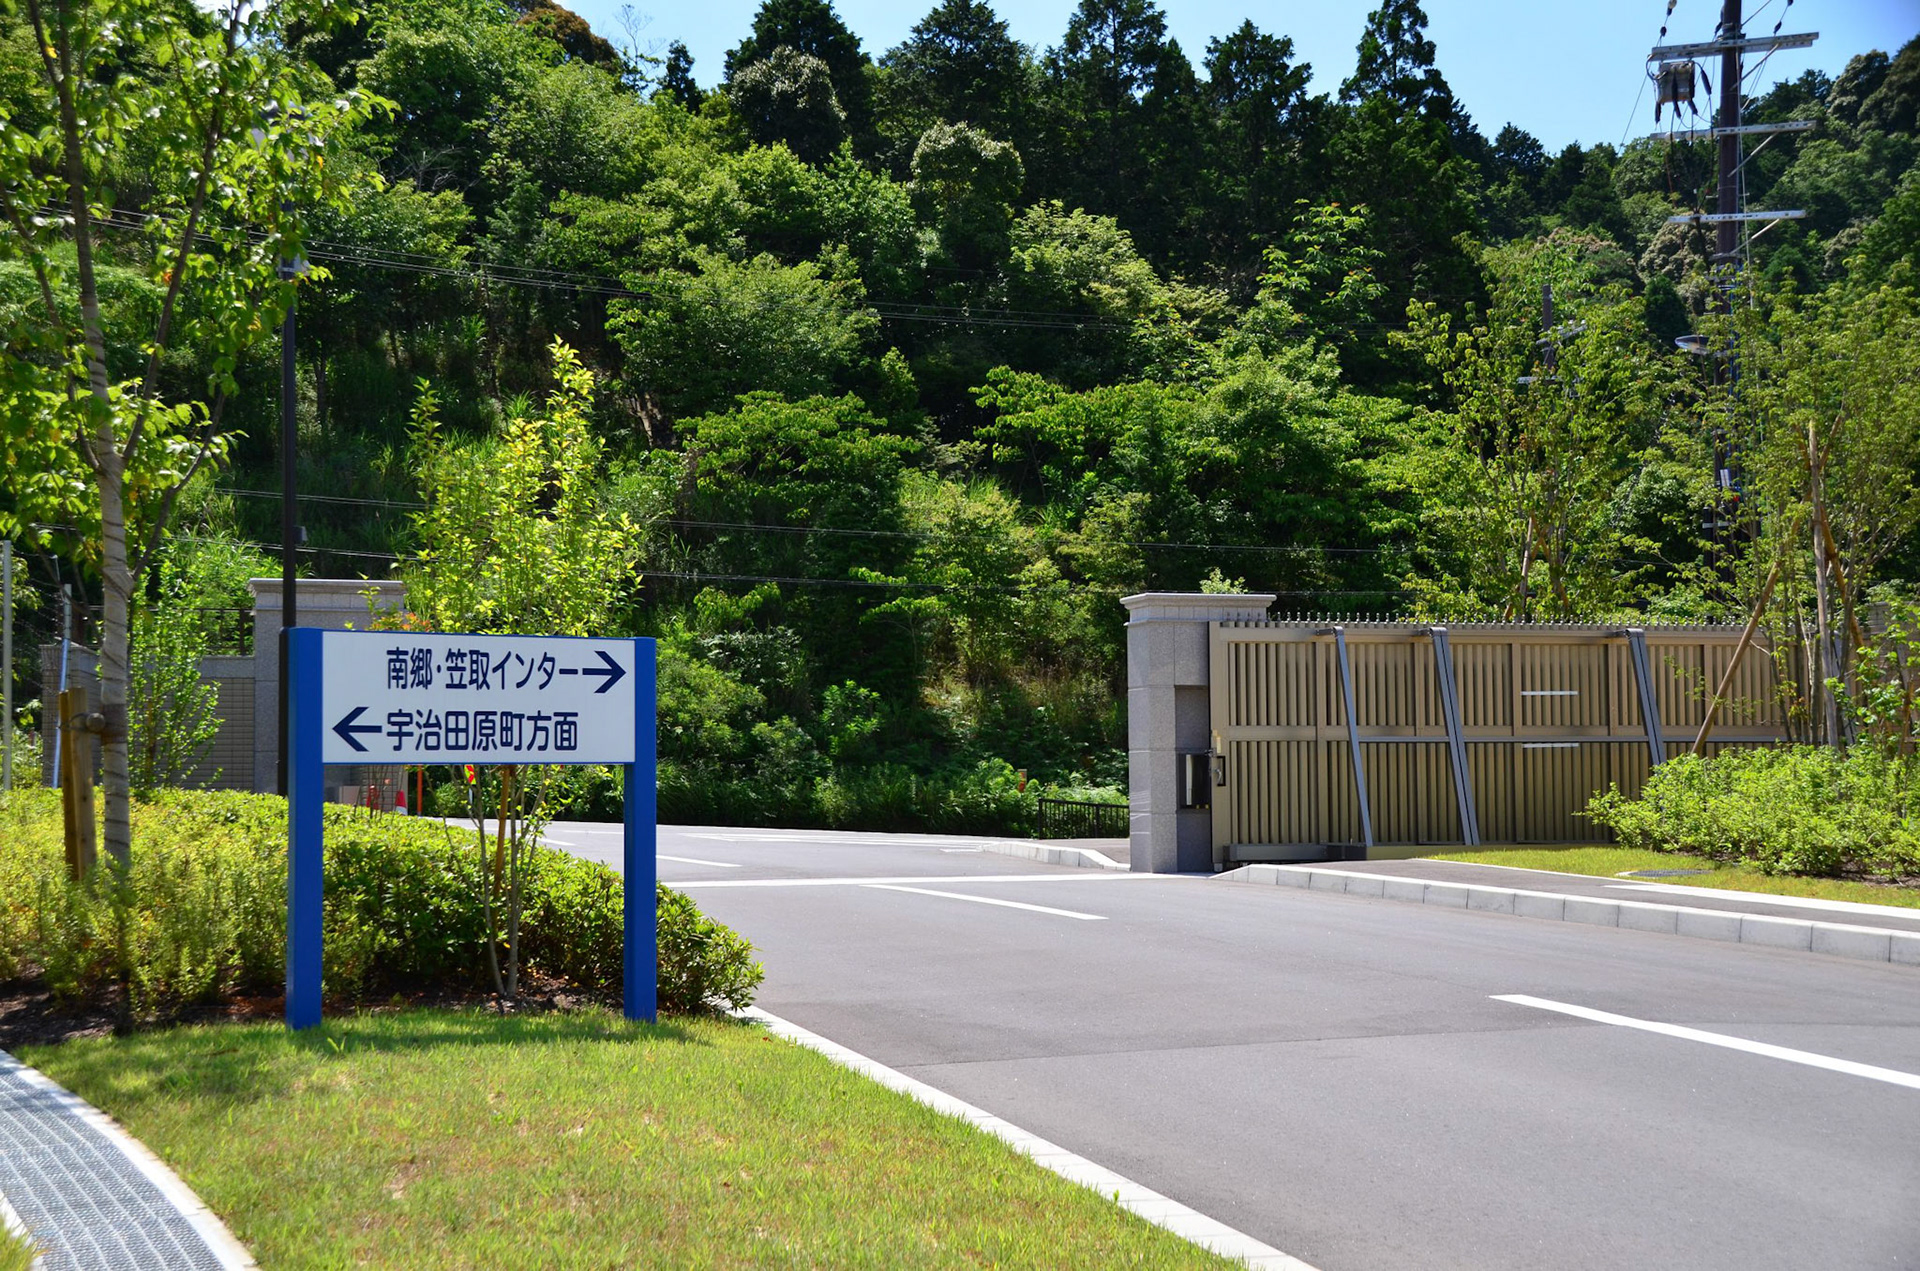 池田 公園 墓地 関西 記念